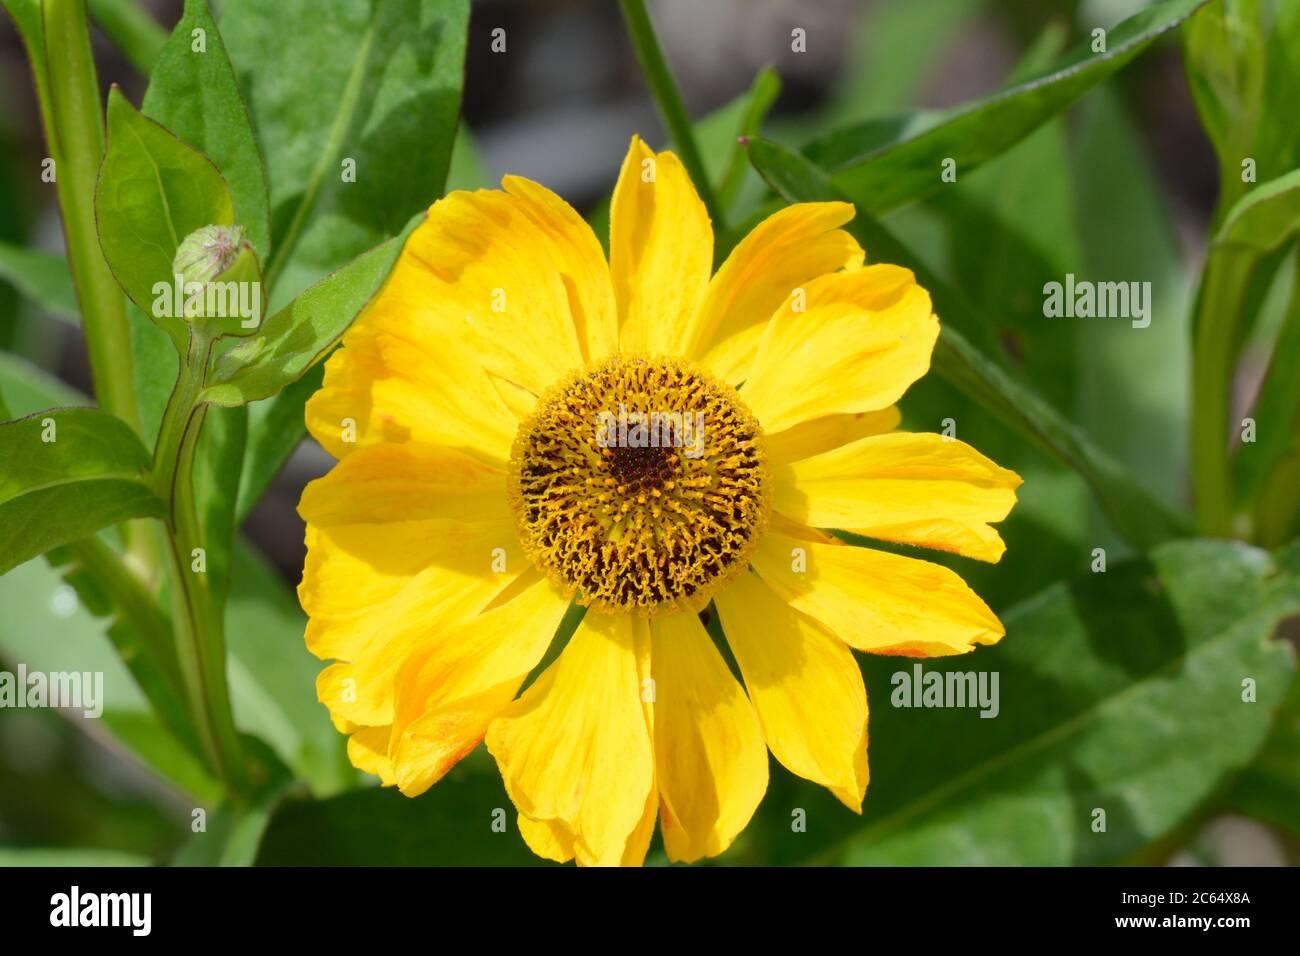 Helenium el Dorado sneezeweed flores amarillas brillantes con el cono oscuro grande néctar y flores ricas en polen Foto de stock